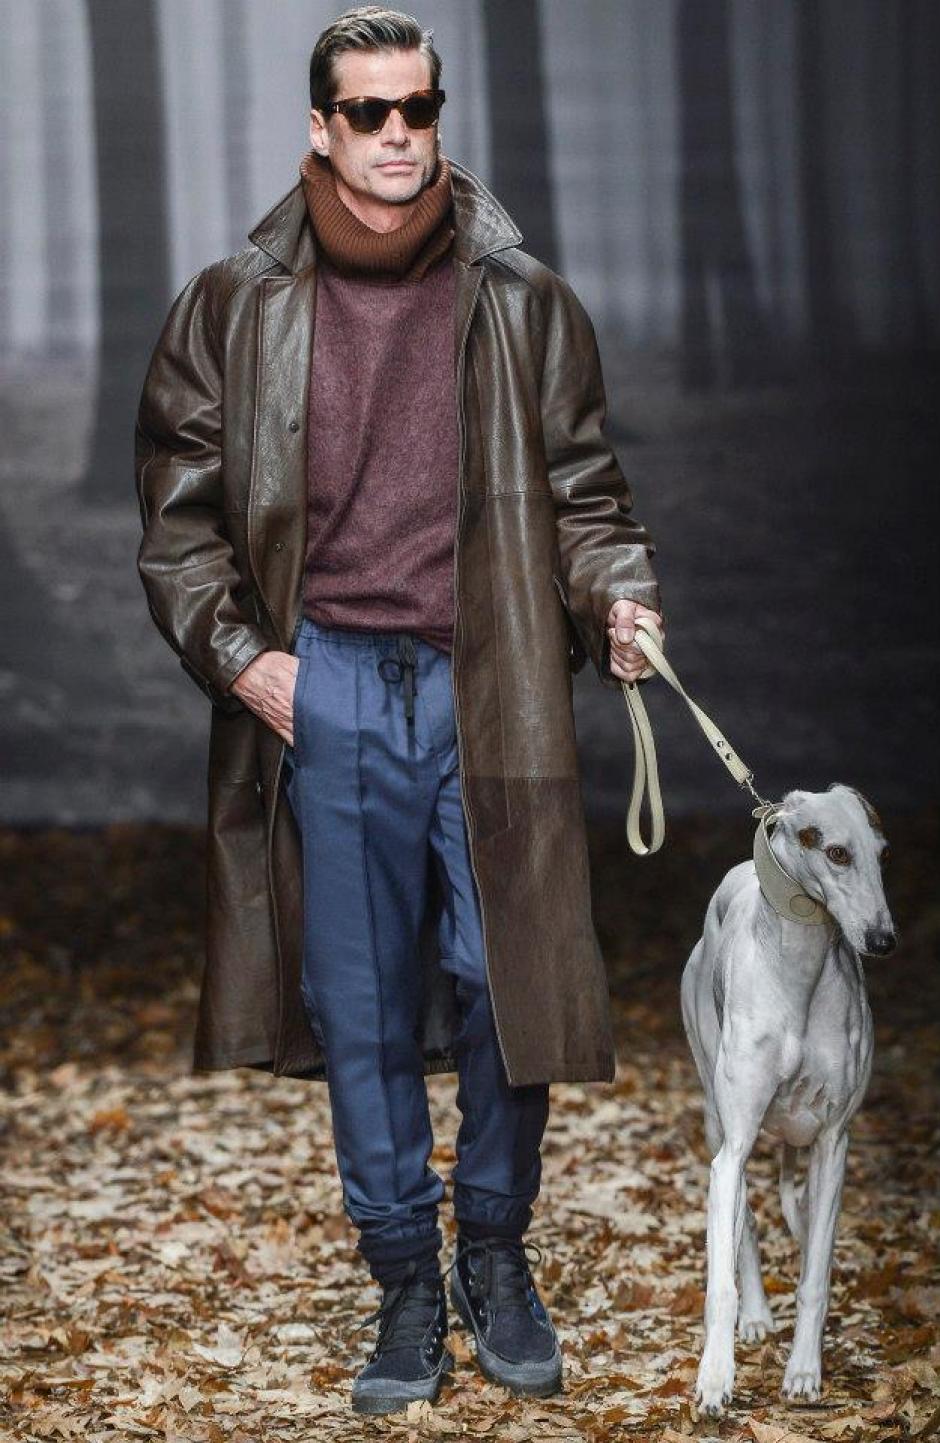 En la pasarela de la colección de Trussardi, así lucieron los modelos de la marca. Foto Trussardi